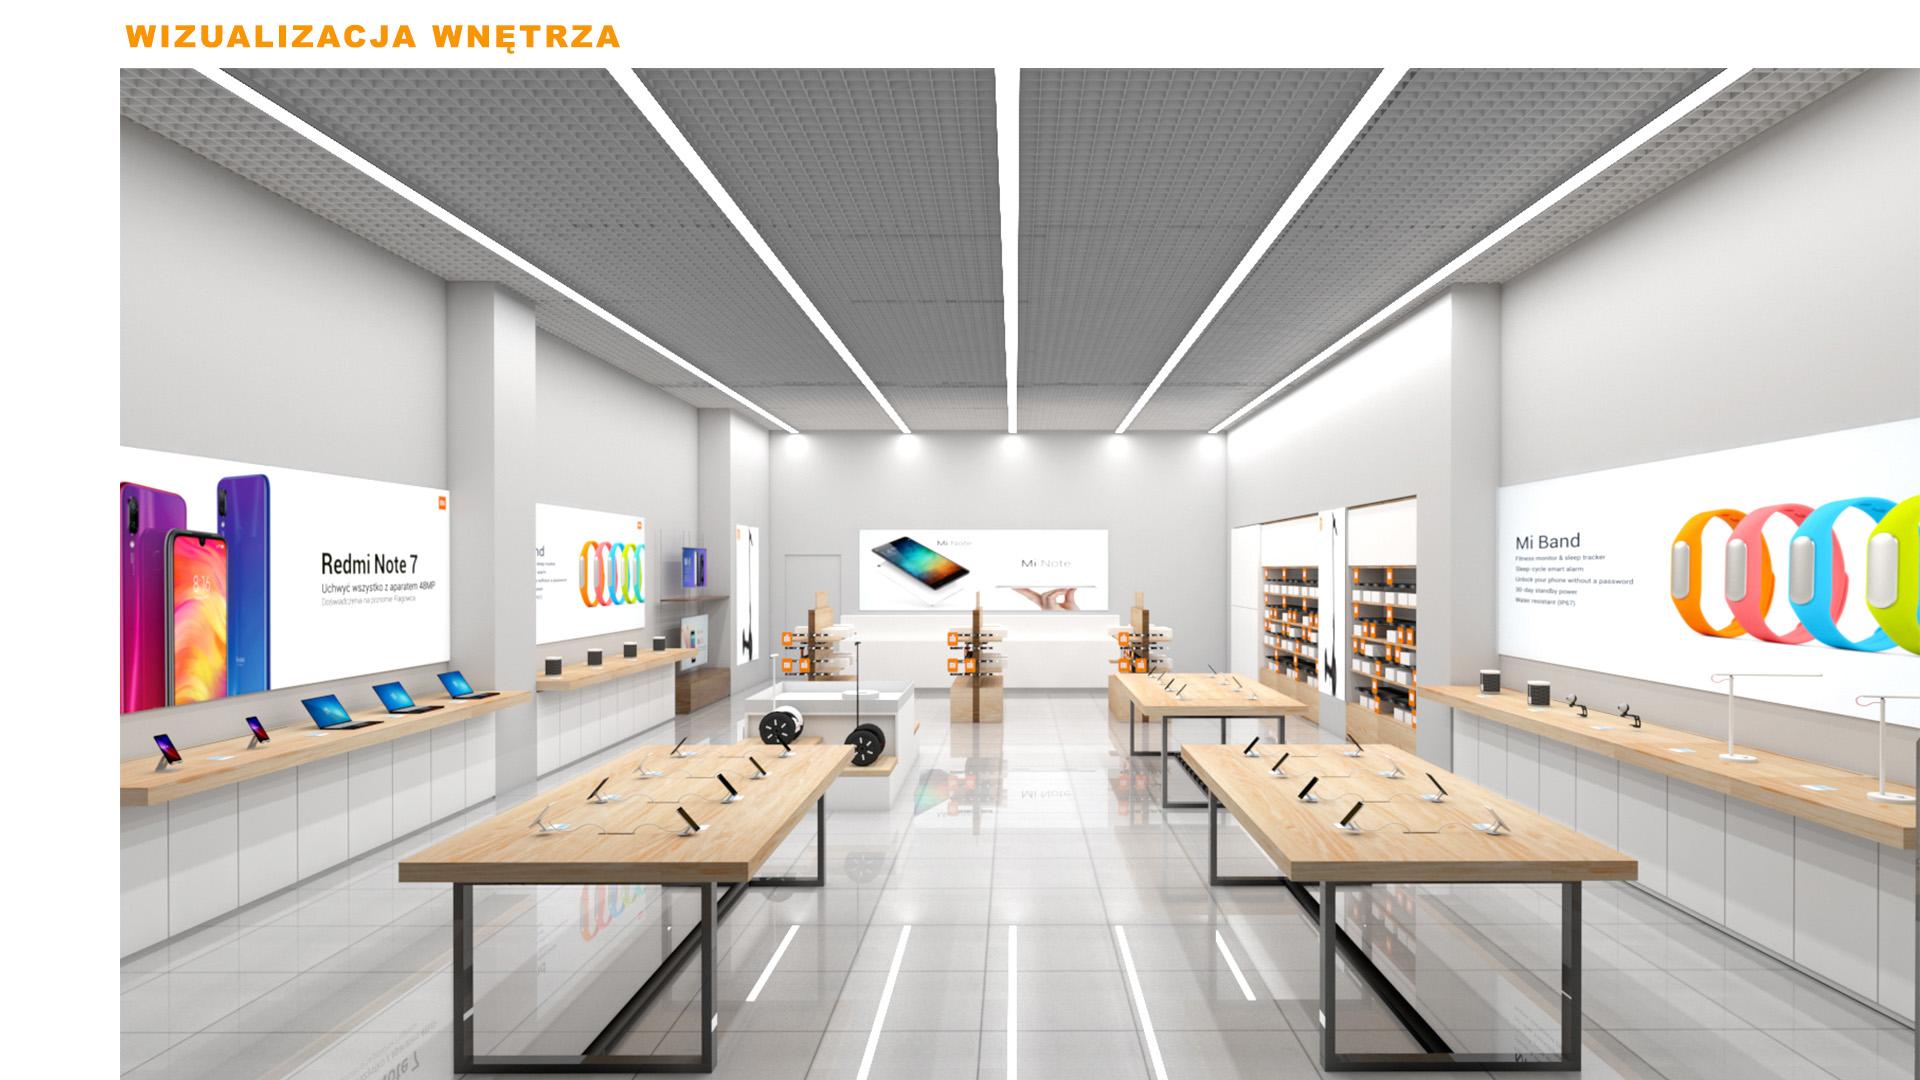 Mi-Store - Rzeszów - Galeria Rzeszów - wizualizacja wnętrza